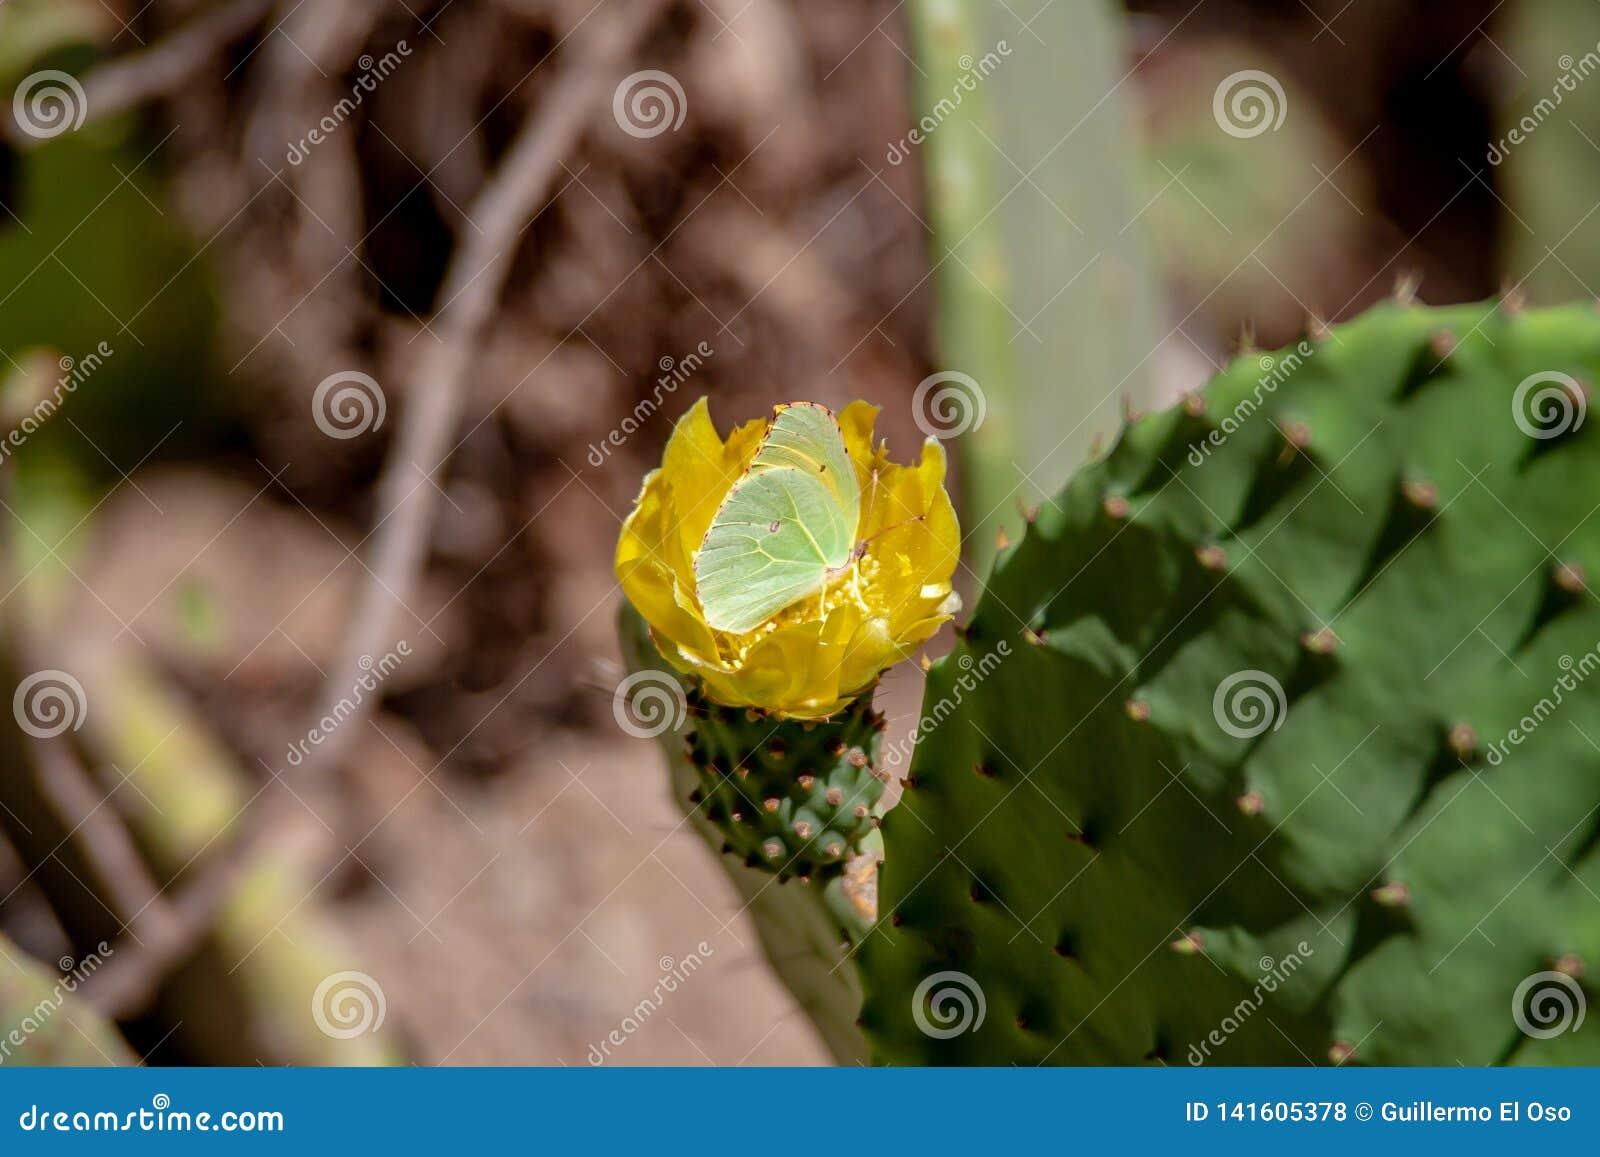 Schließen Sie oben von einer Kaktusblüte mit Schmetterling